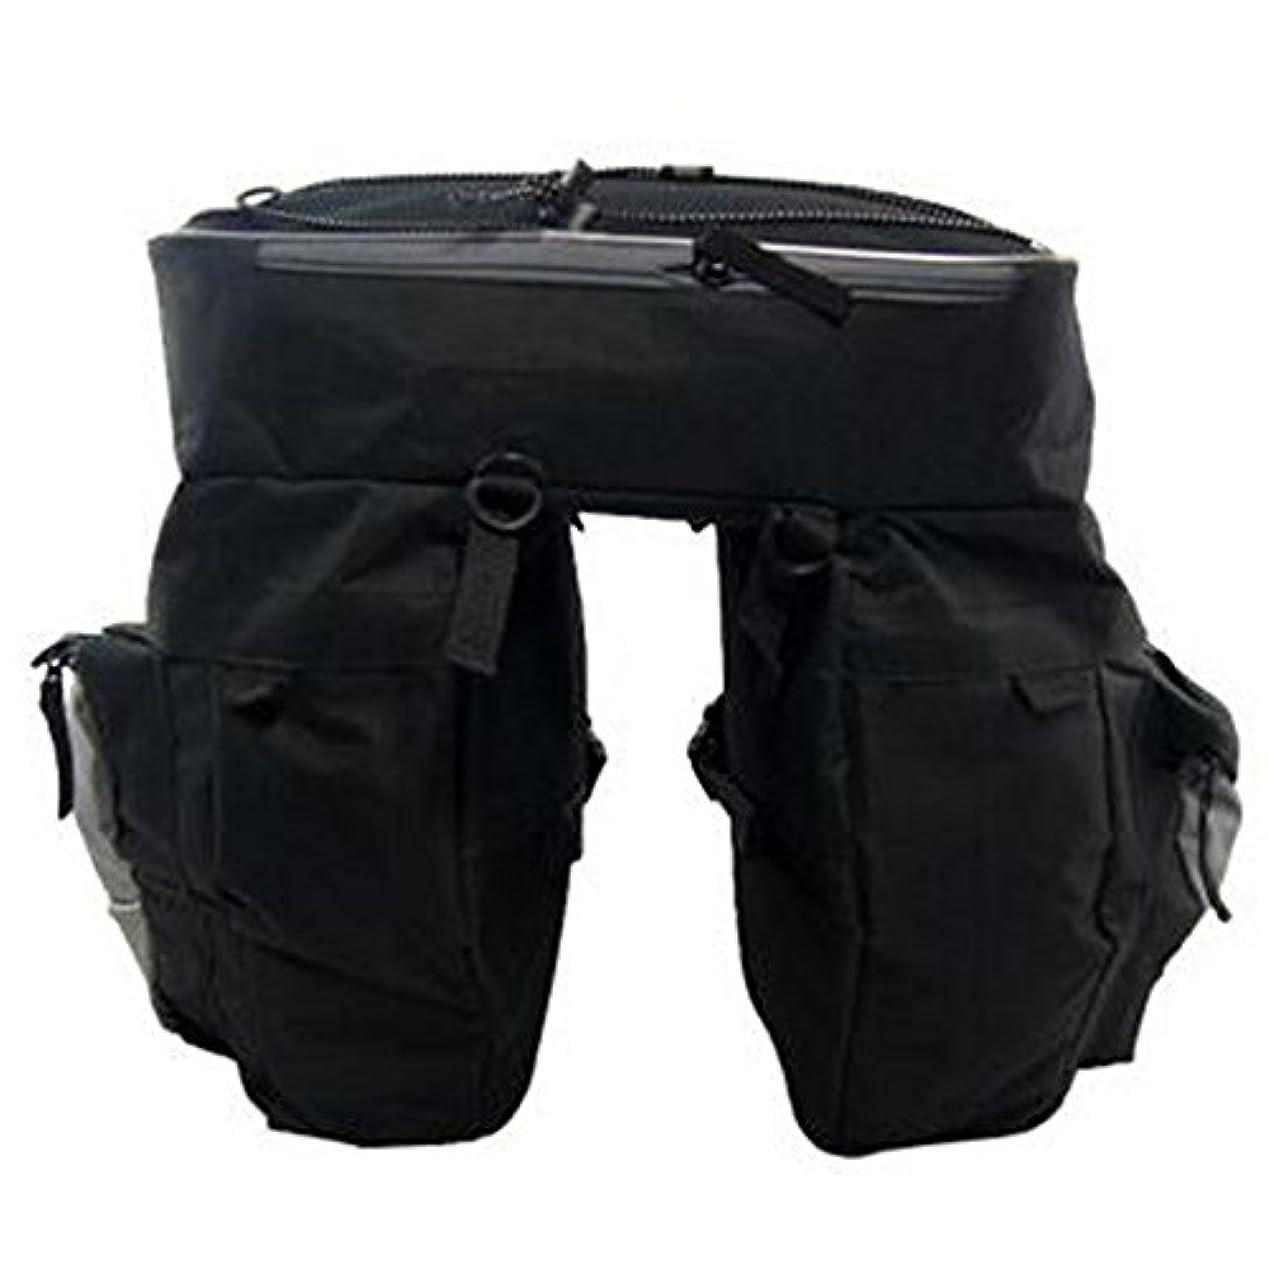 成熟解体する協力的自転車バッグ 大容量バイクバッグキャメルバッグウォータースポーツユーティリティバイクトップチューブ自転車キャリーバッグ れ付き マウンテン/ロード/MTBバイク